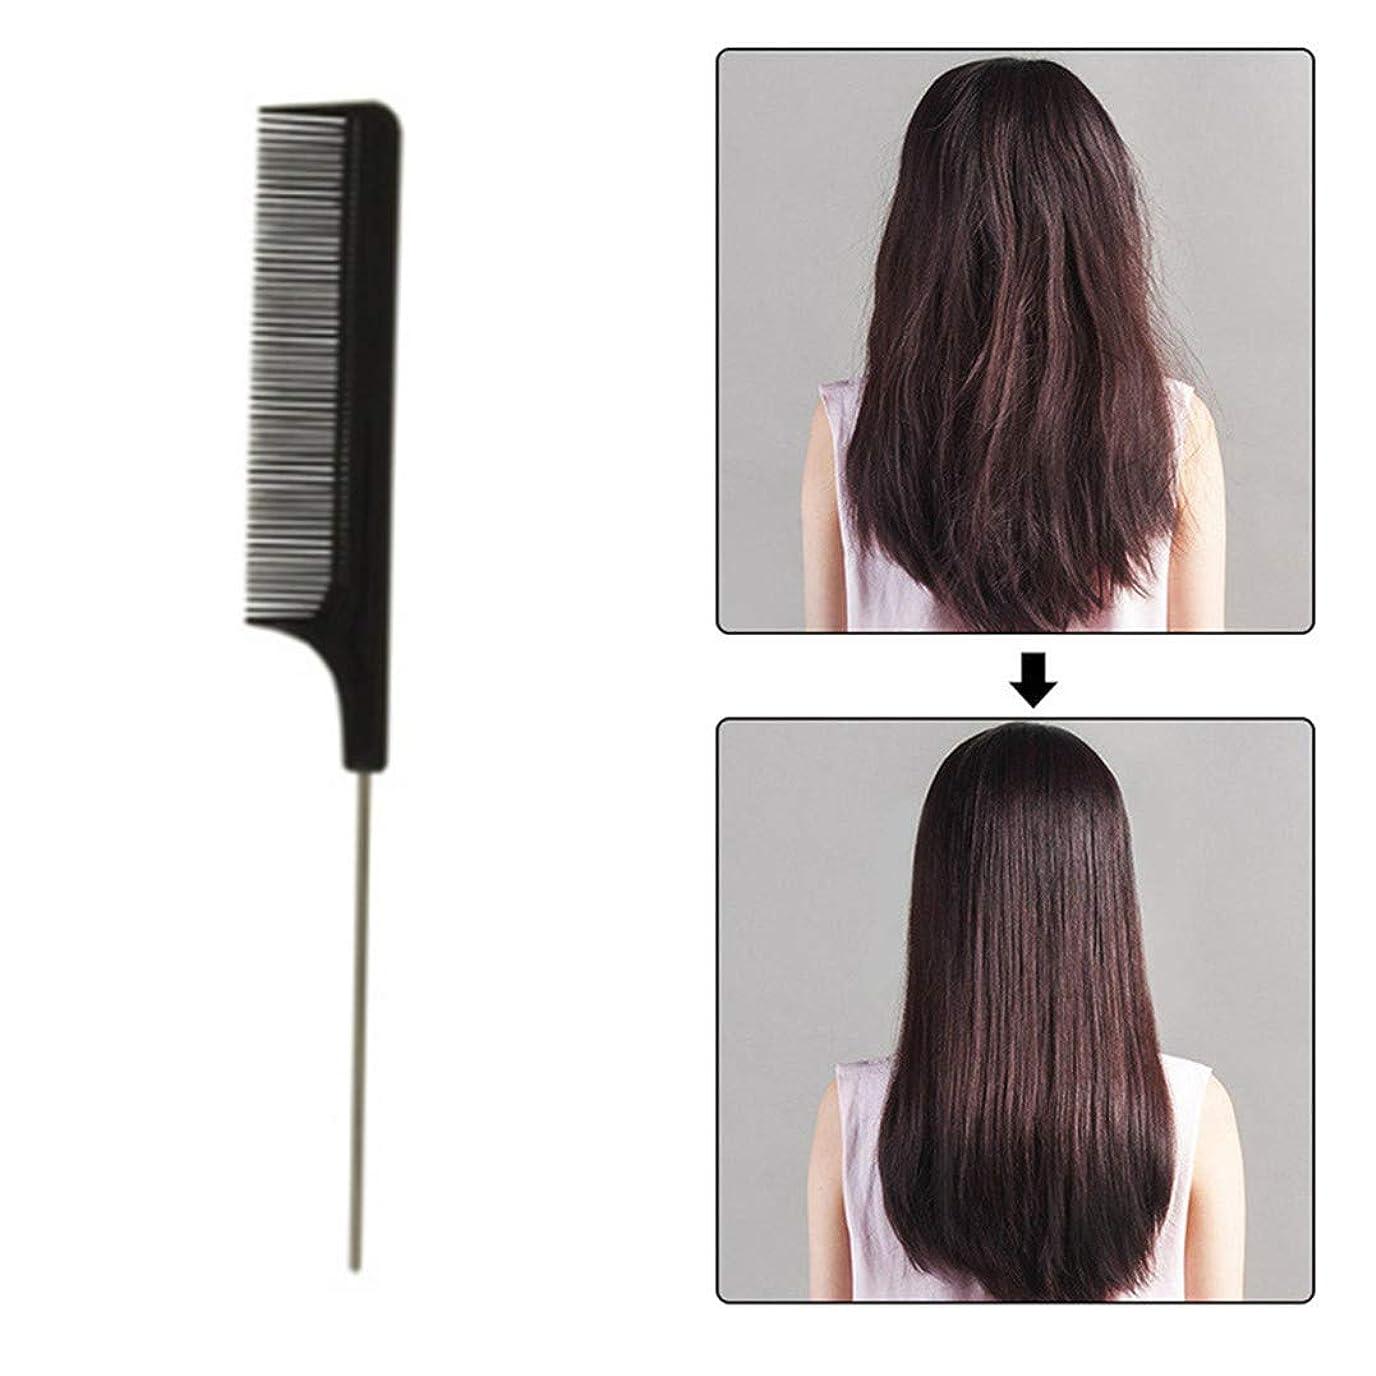 逆さまに表向き硬さUnderleaf 黒の細かい櫛の金属ピン帯電防止ヘアスタイルの櫛のヘアスタイリング美容ツール